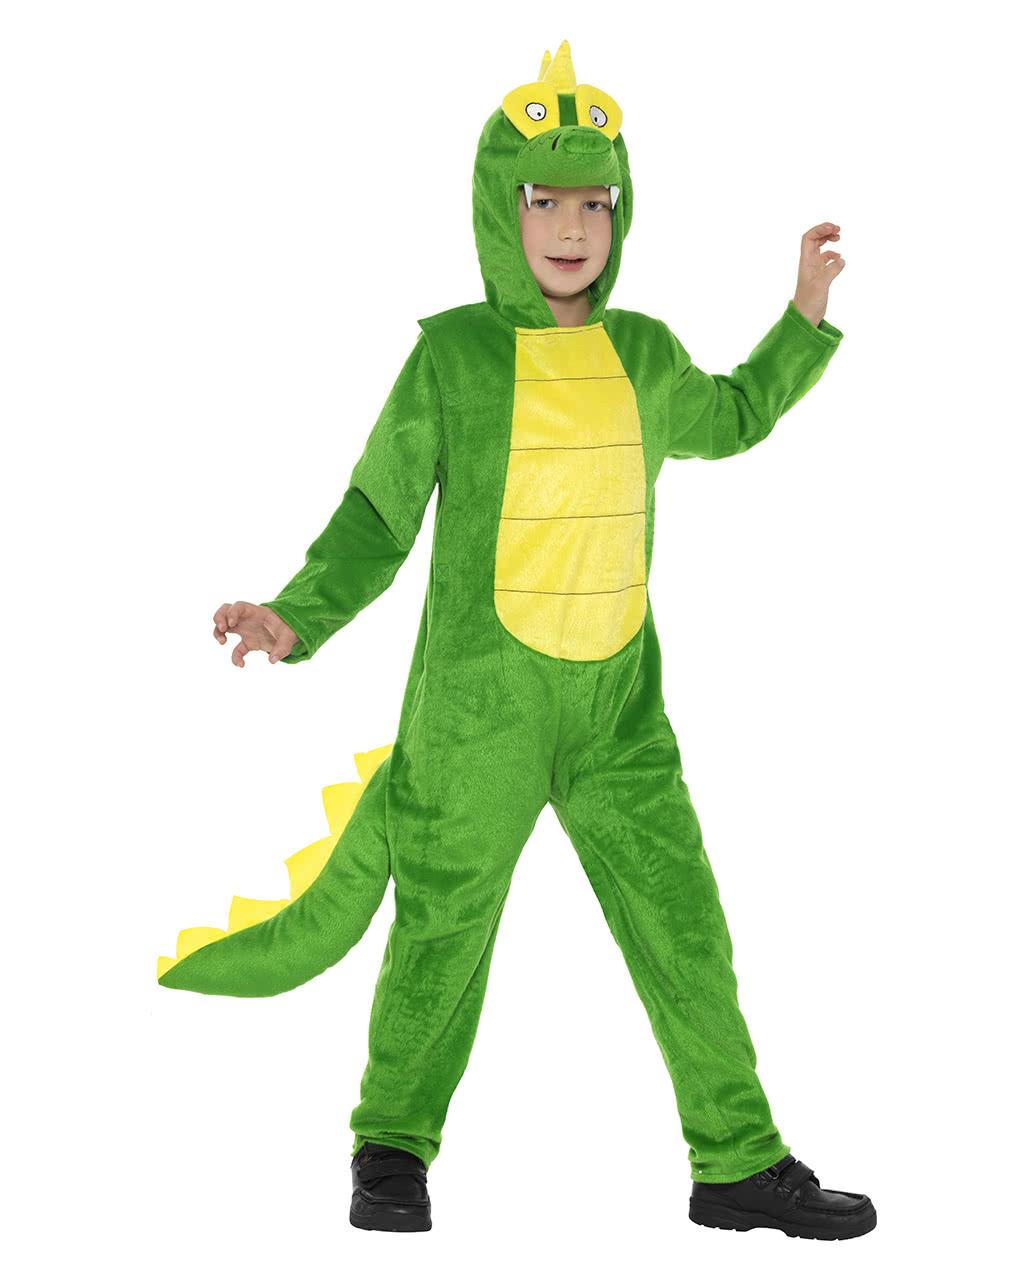 krokodil kinderkost m karnevals verkleidung horror. Black Bedroom Furniture Sets. Home Design Ideas